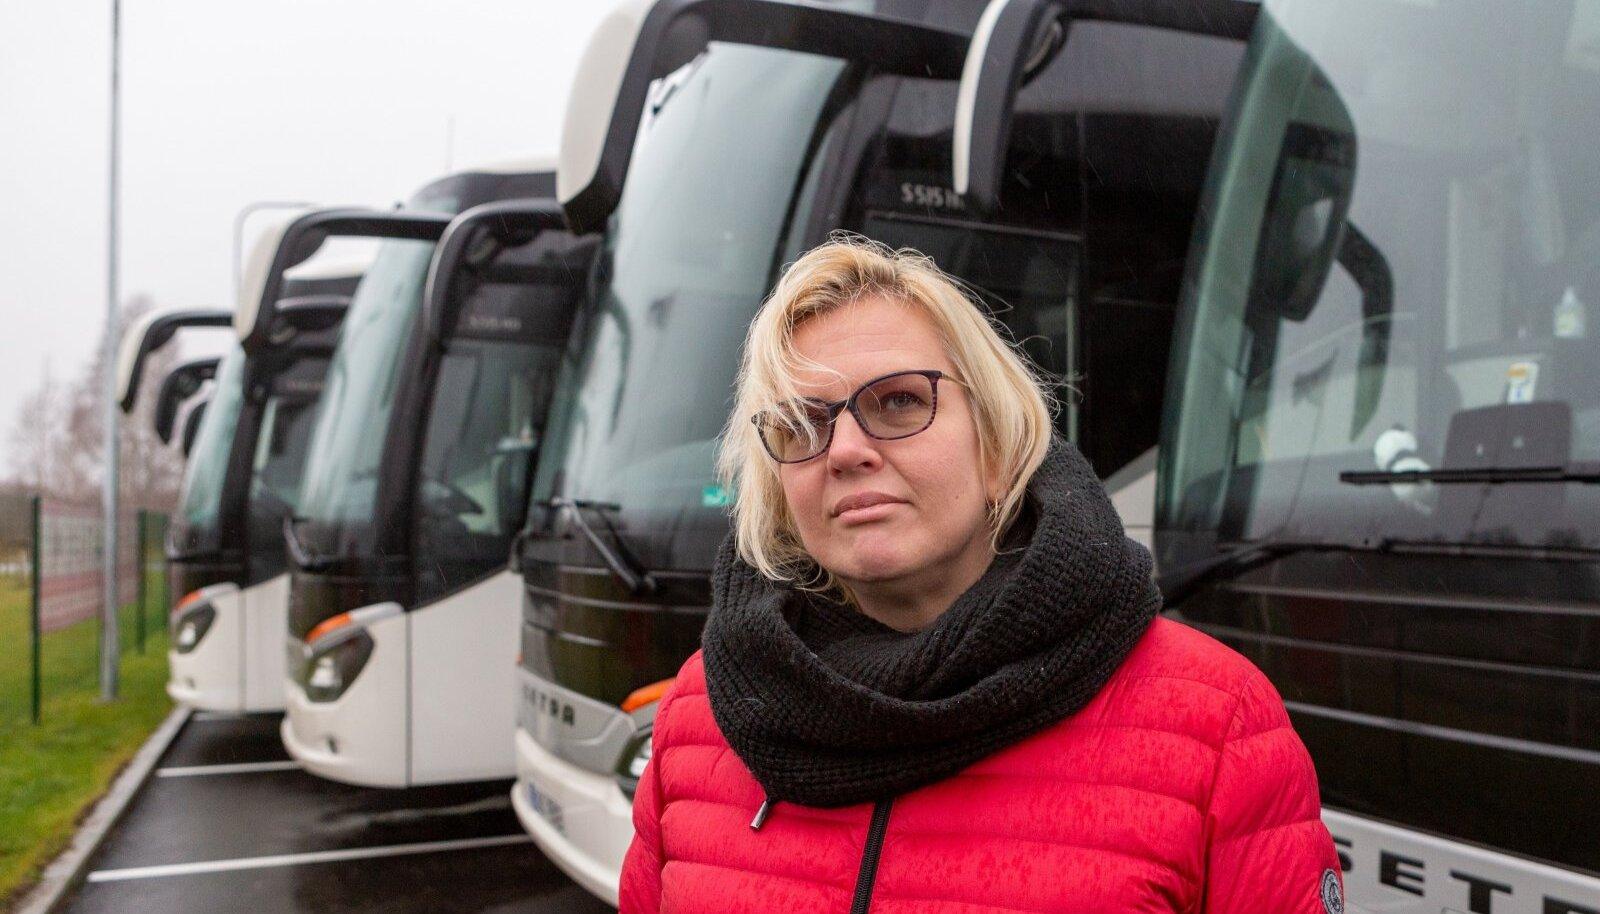 Greta Tammelehe sõnul nii edasi minna ei saa, sest kõigil on raha otsas.